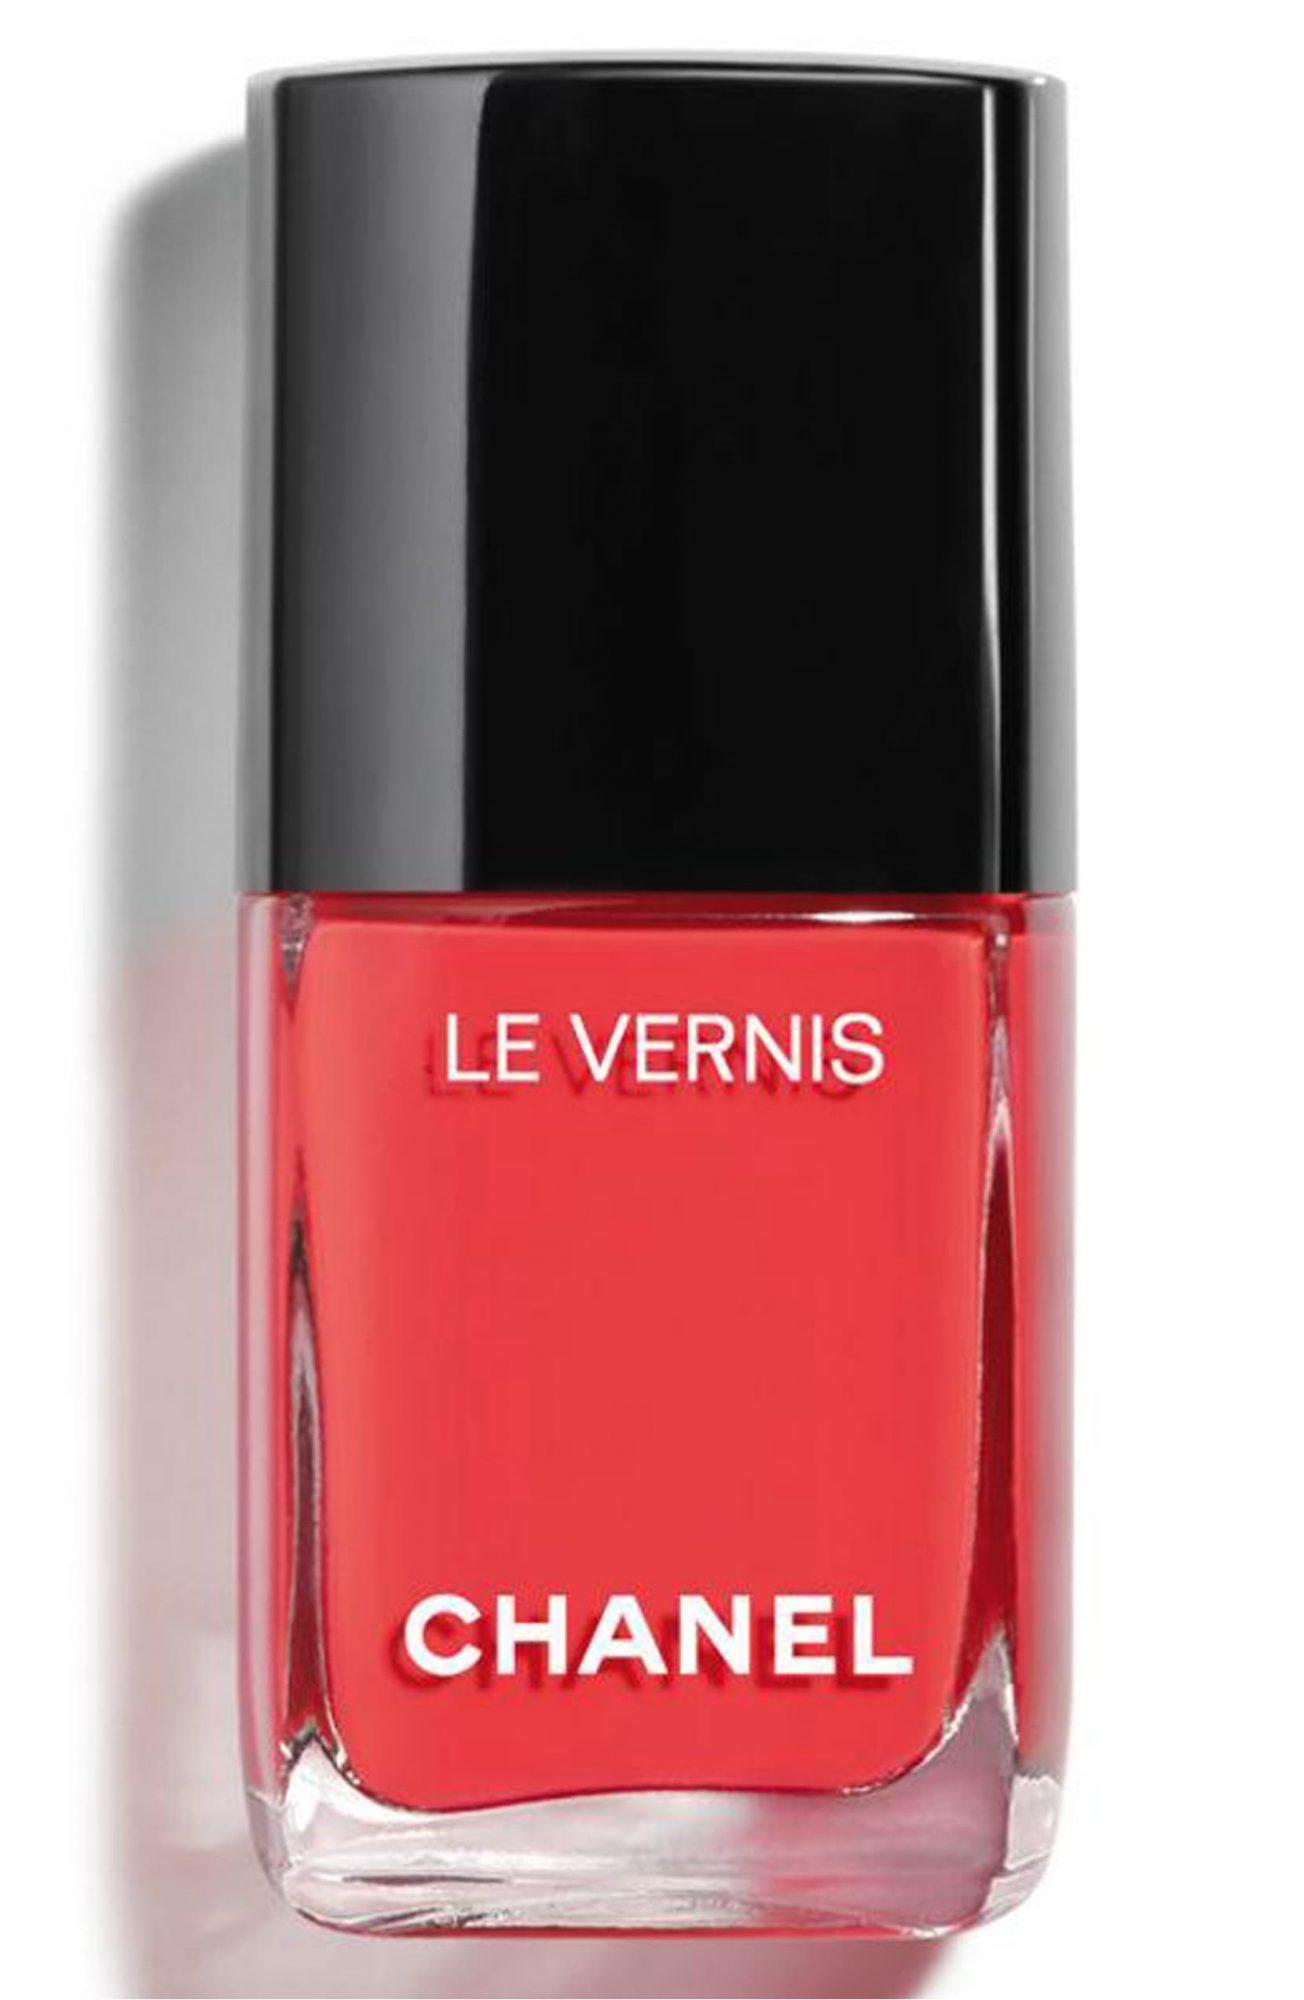 Summer nail polish - Chanel